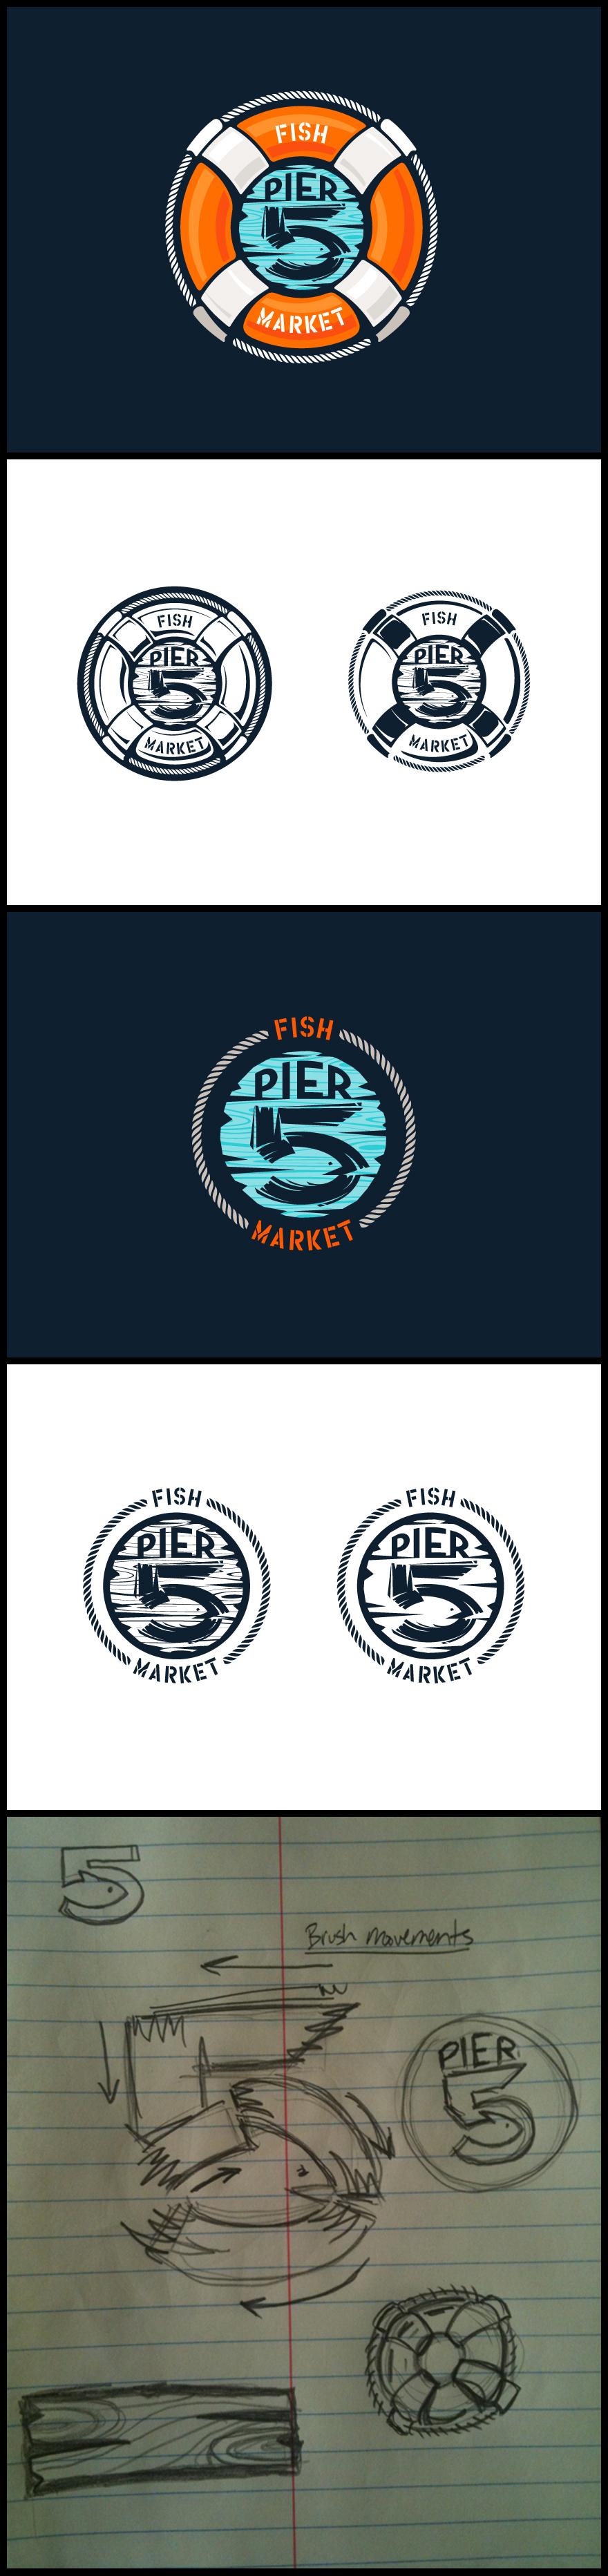 Av pier 5 attachment